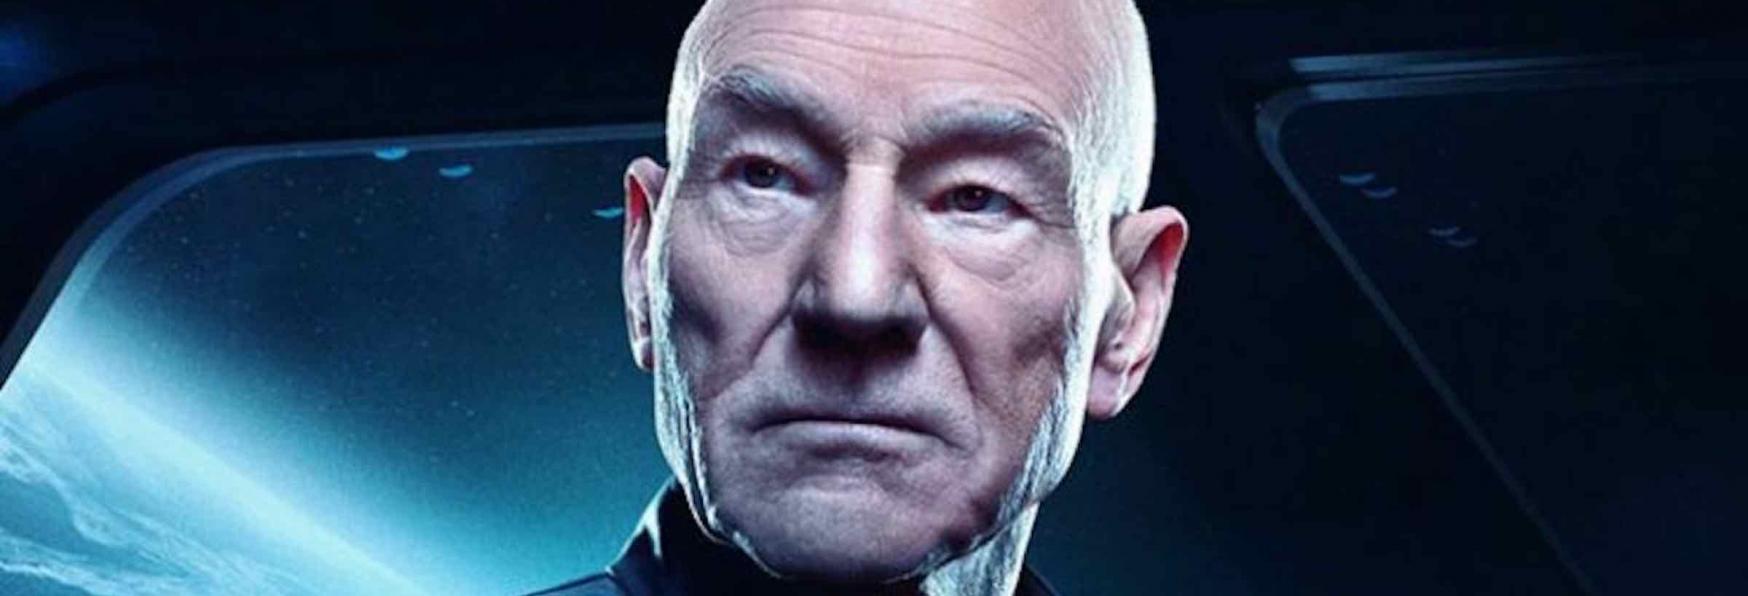 Star Trek: Picard 2 - Alcune indiscrezioni di John de Lancie fanno pensare a un Rilascio Anticipato